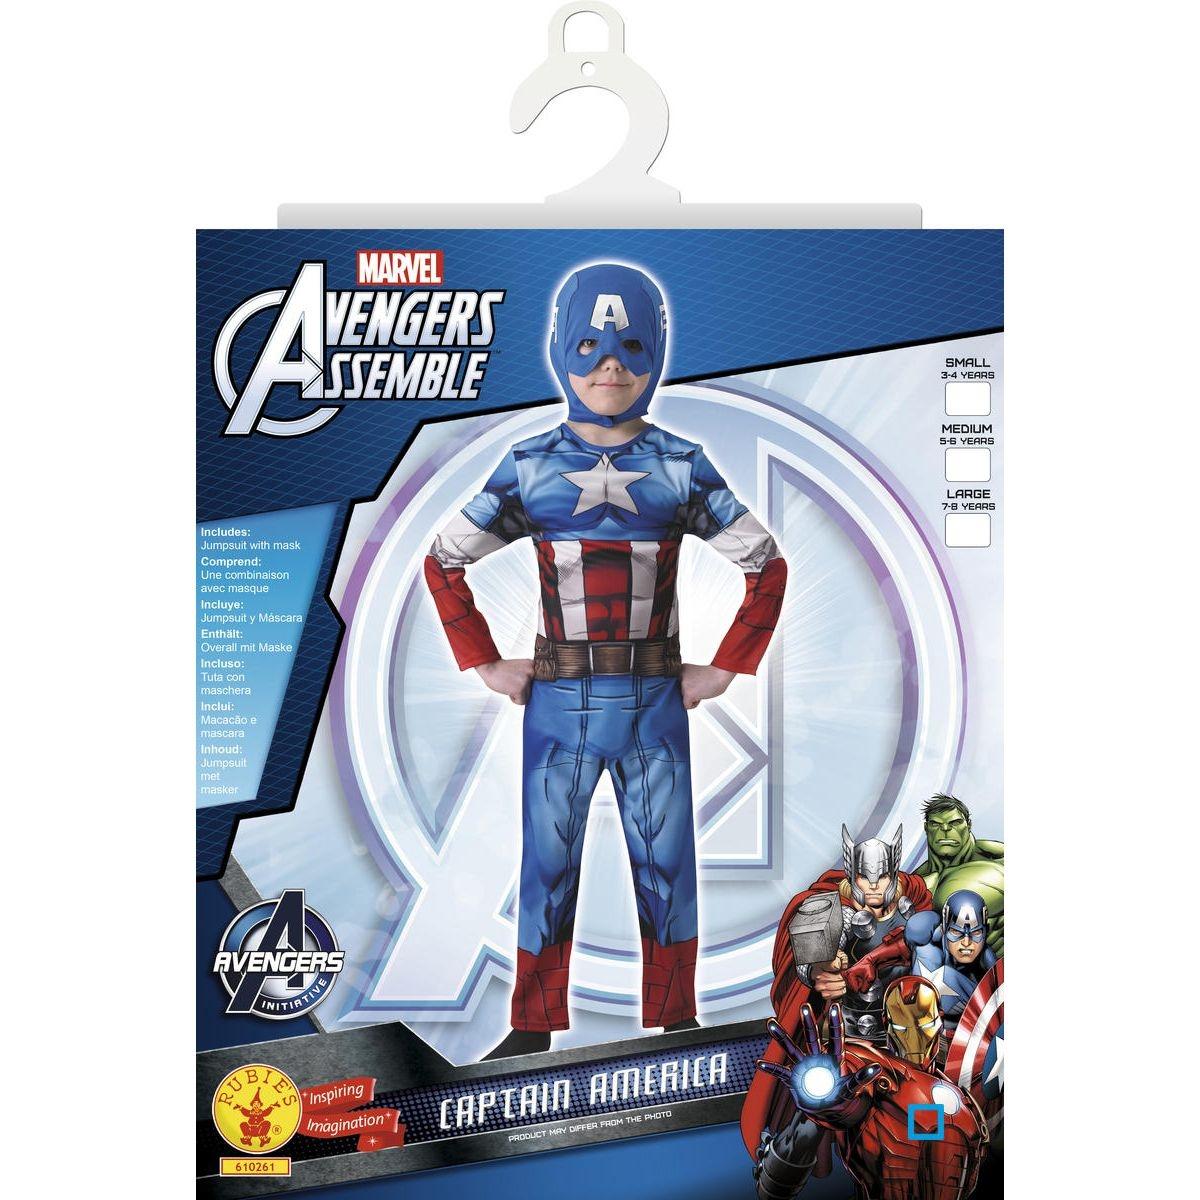 Déguisement Classique Captain America - Taille L - RUBI-610261L